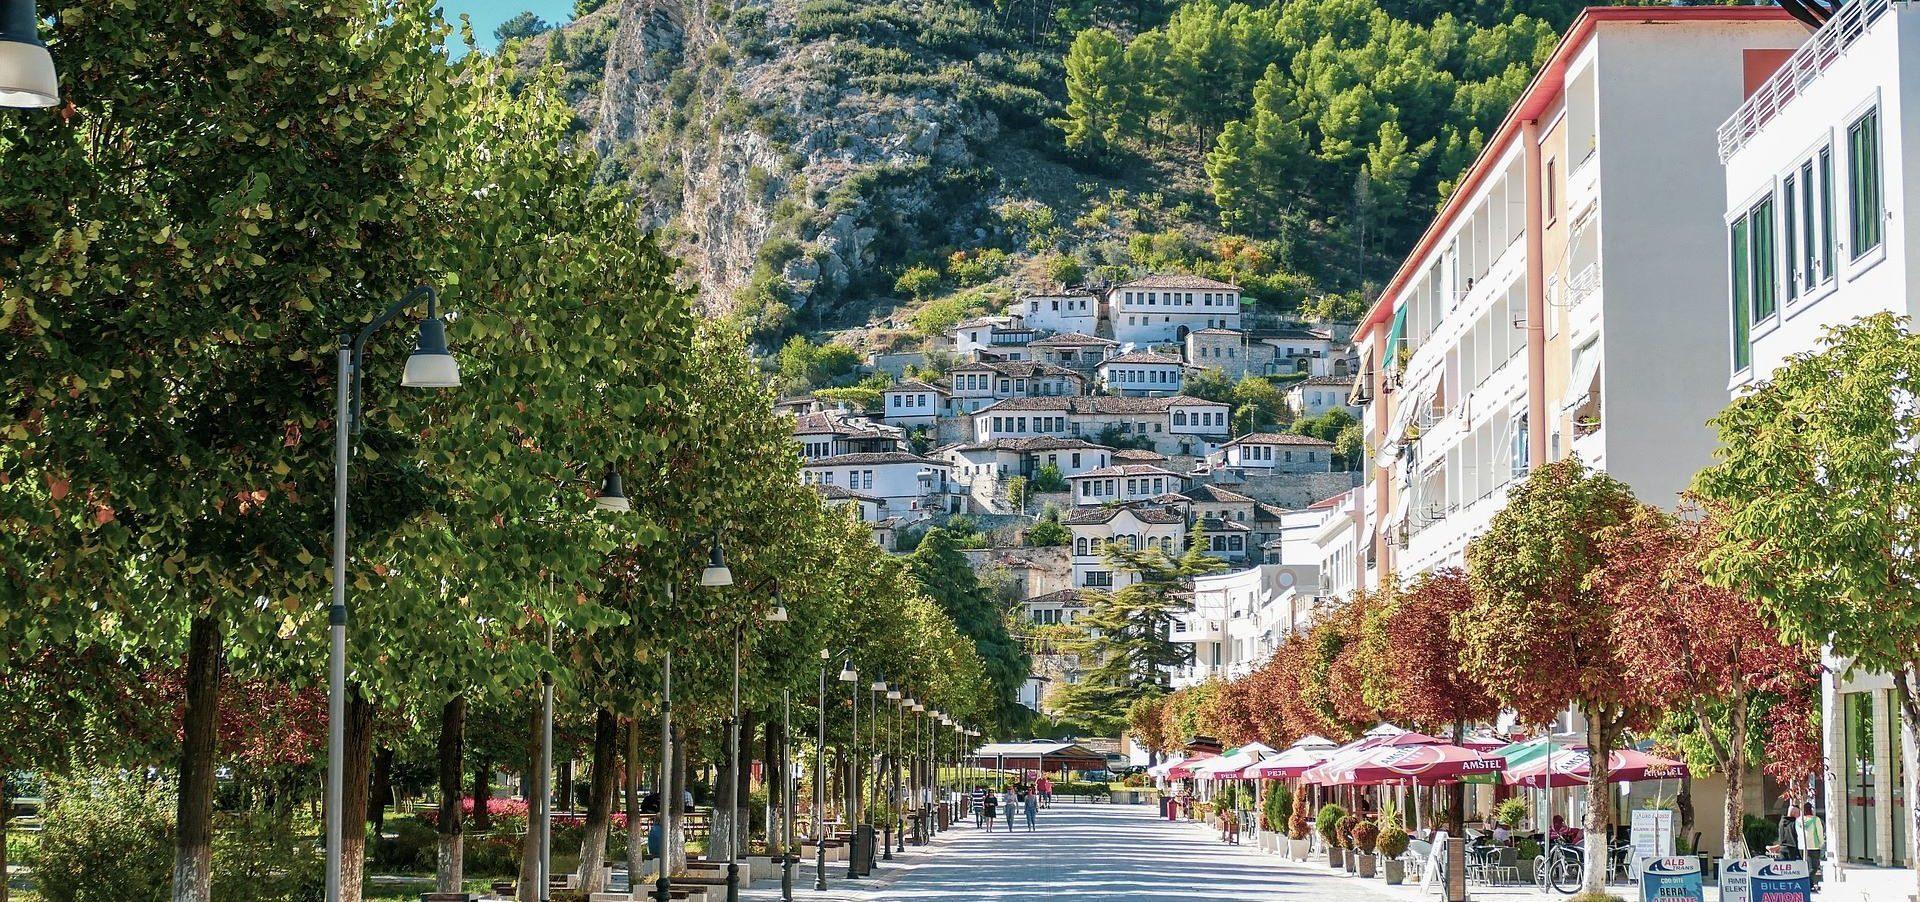 """Μπορεί η Αλβανία να γίνει η """"χώρα των θαυμάτων"""" για τις ΑΠΕ;"""